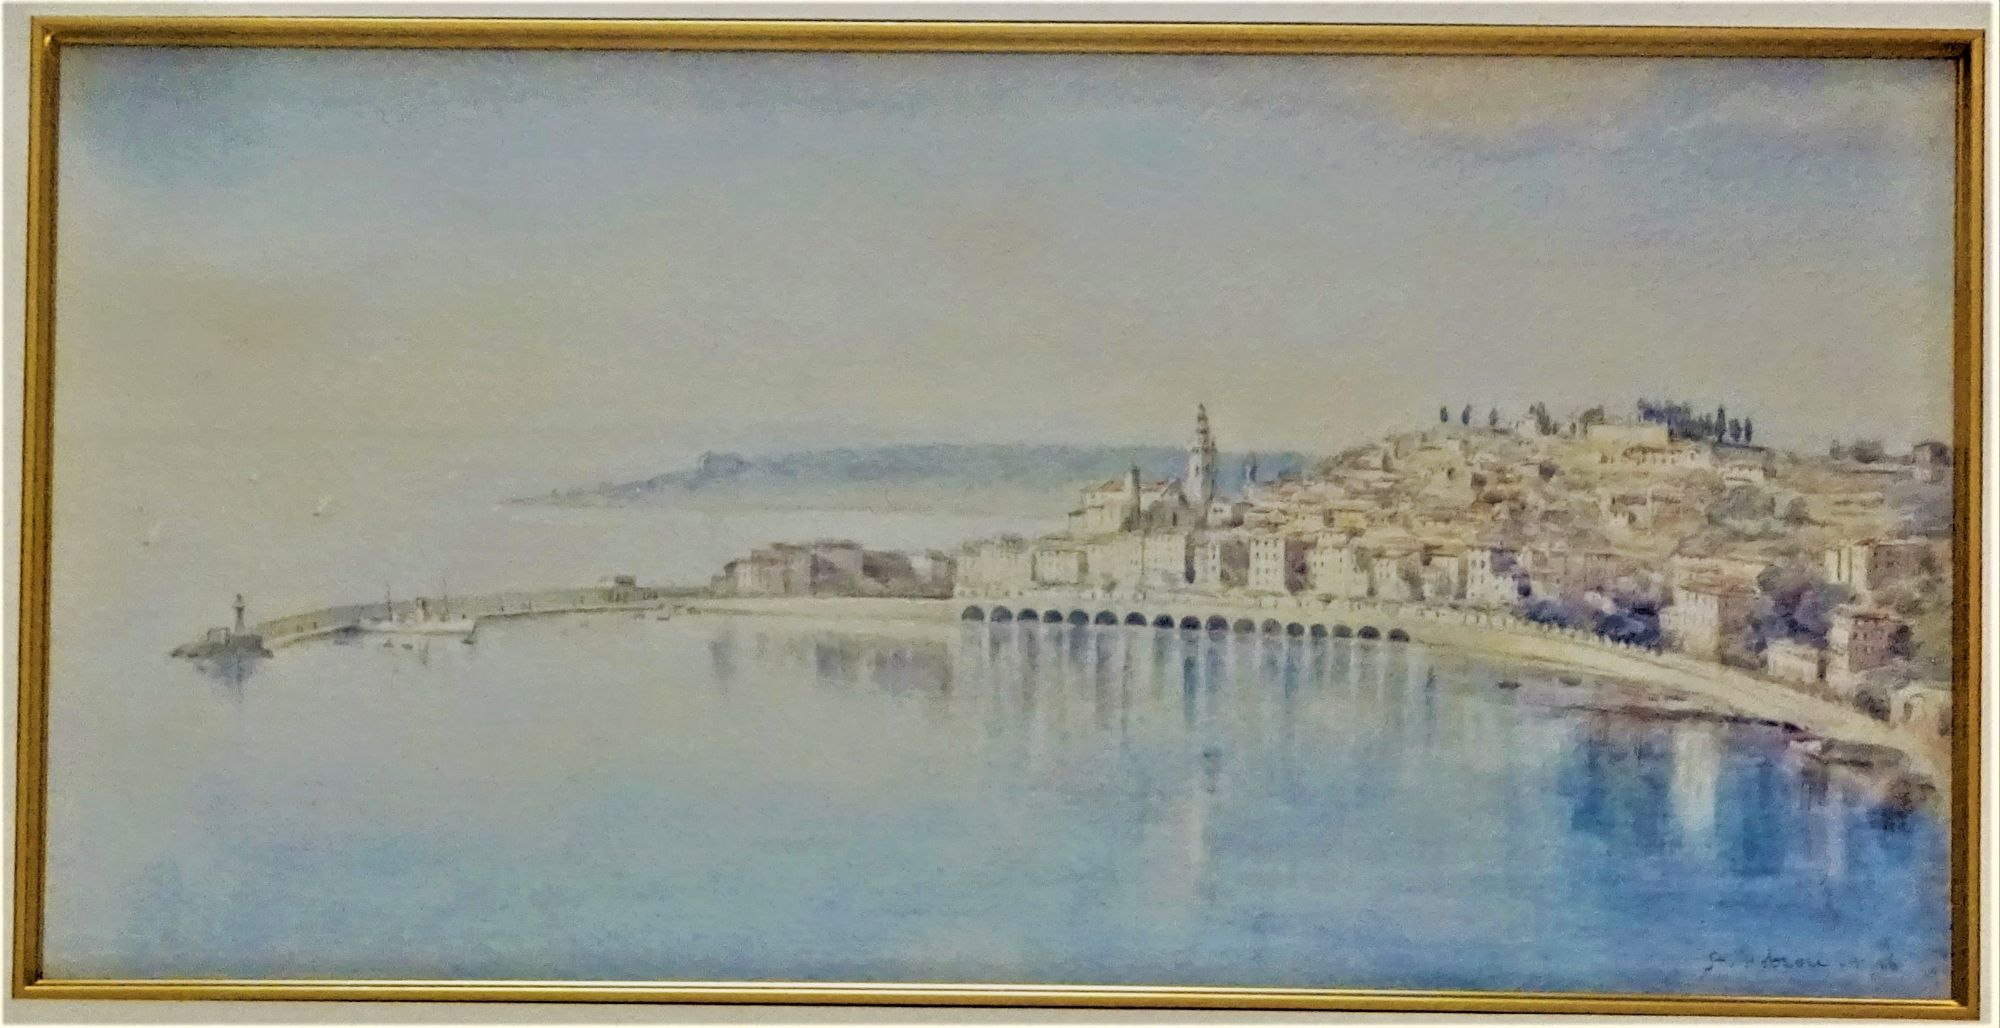 A. Hobson, Menton Harbour, 1926.